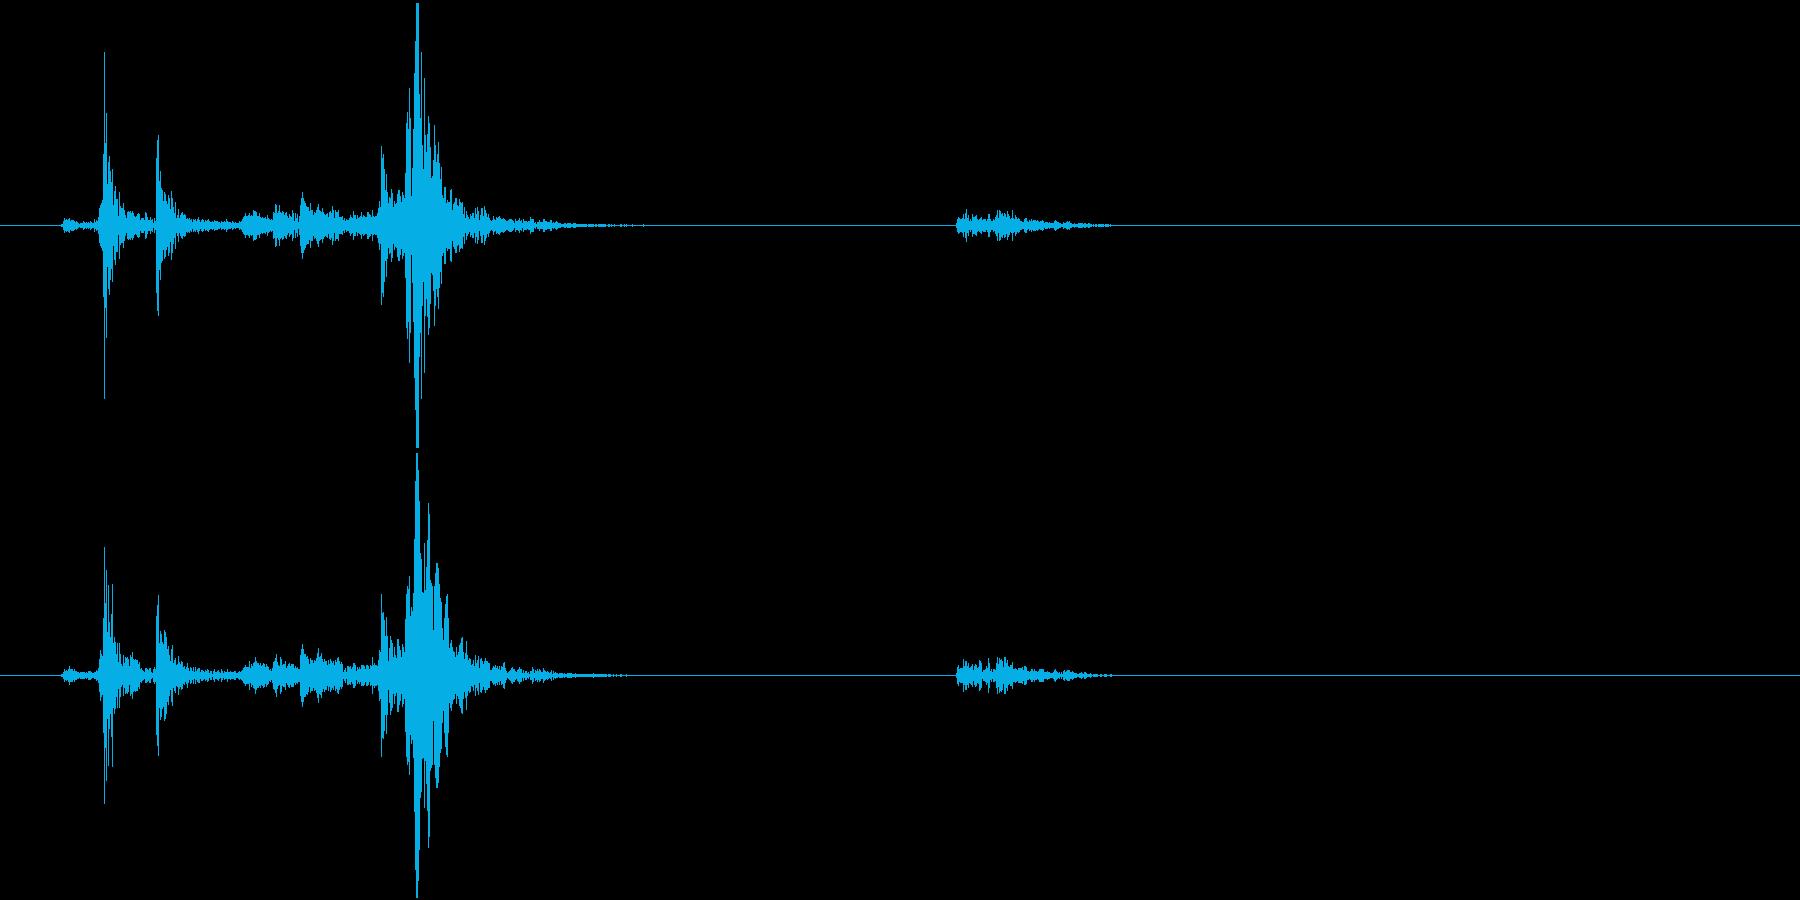 【生録音】 Unlock 鍵を開ける音の再生済みの波形